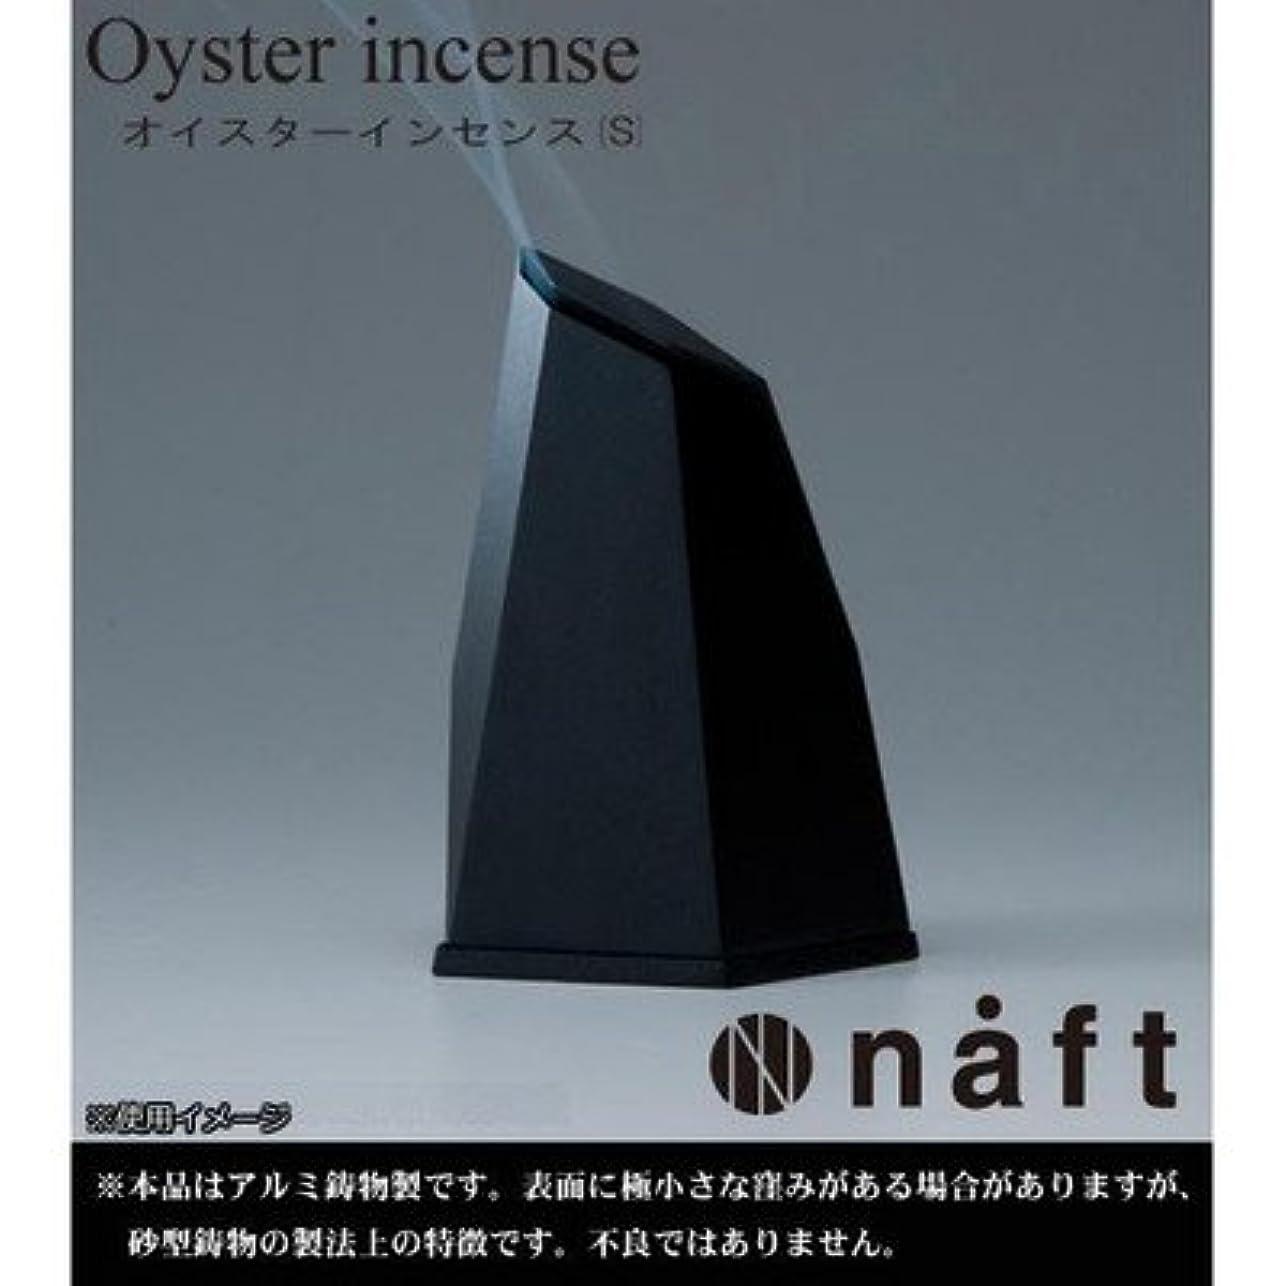 同じ死んでいる小競り合いシンプルだけどインパクトのあるフォルム naft Oyster incense オイスターインセンス 香炉 Sサイズ ブラック